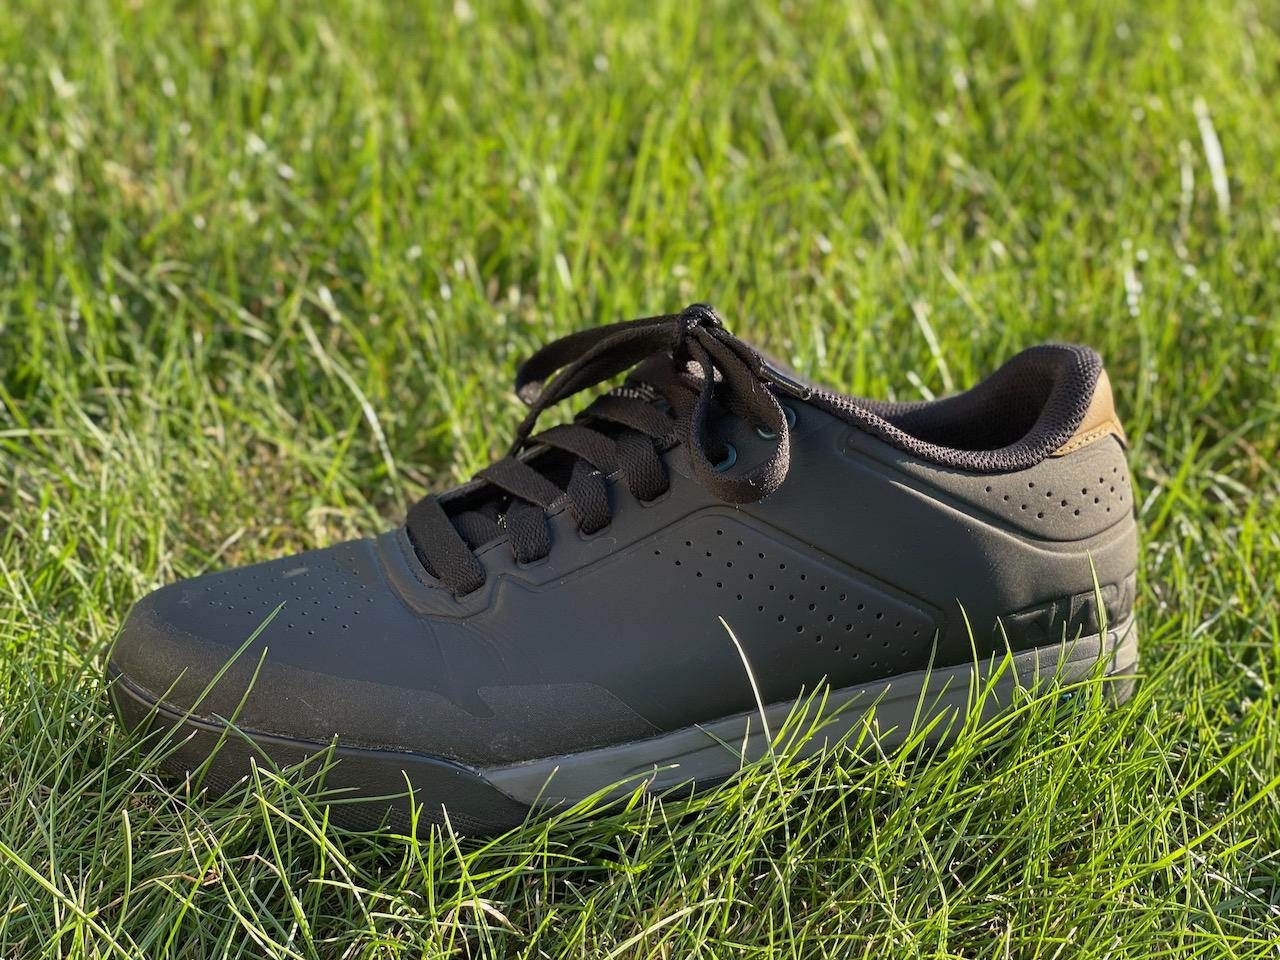 Giro Latch MTB shoes solo shoe